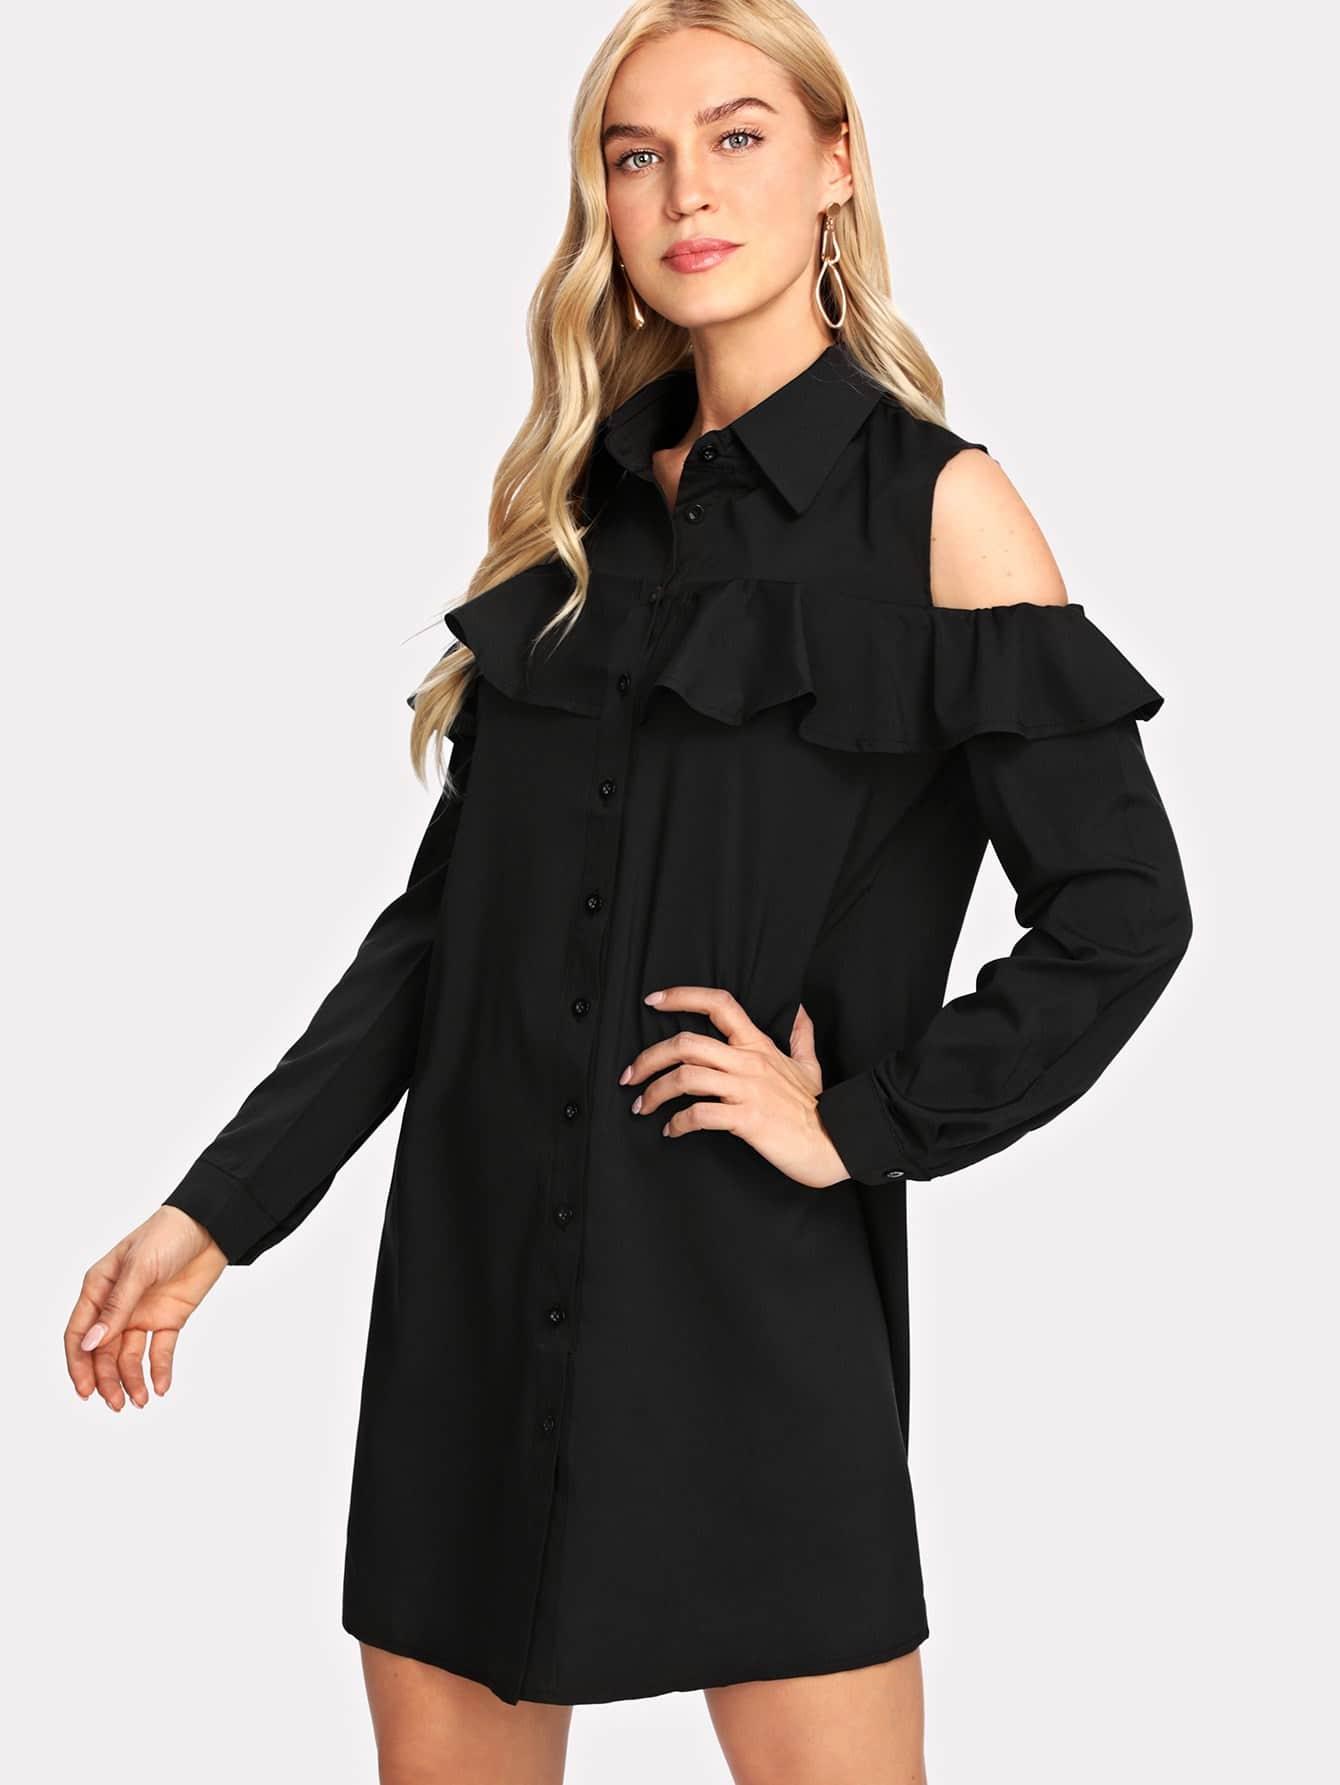 Купить Модное платье-рубашка с оборкой и открытыми плечами, Natalib, SheIn